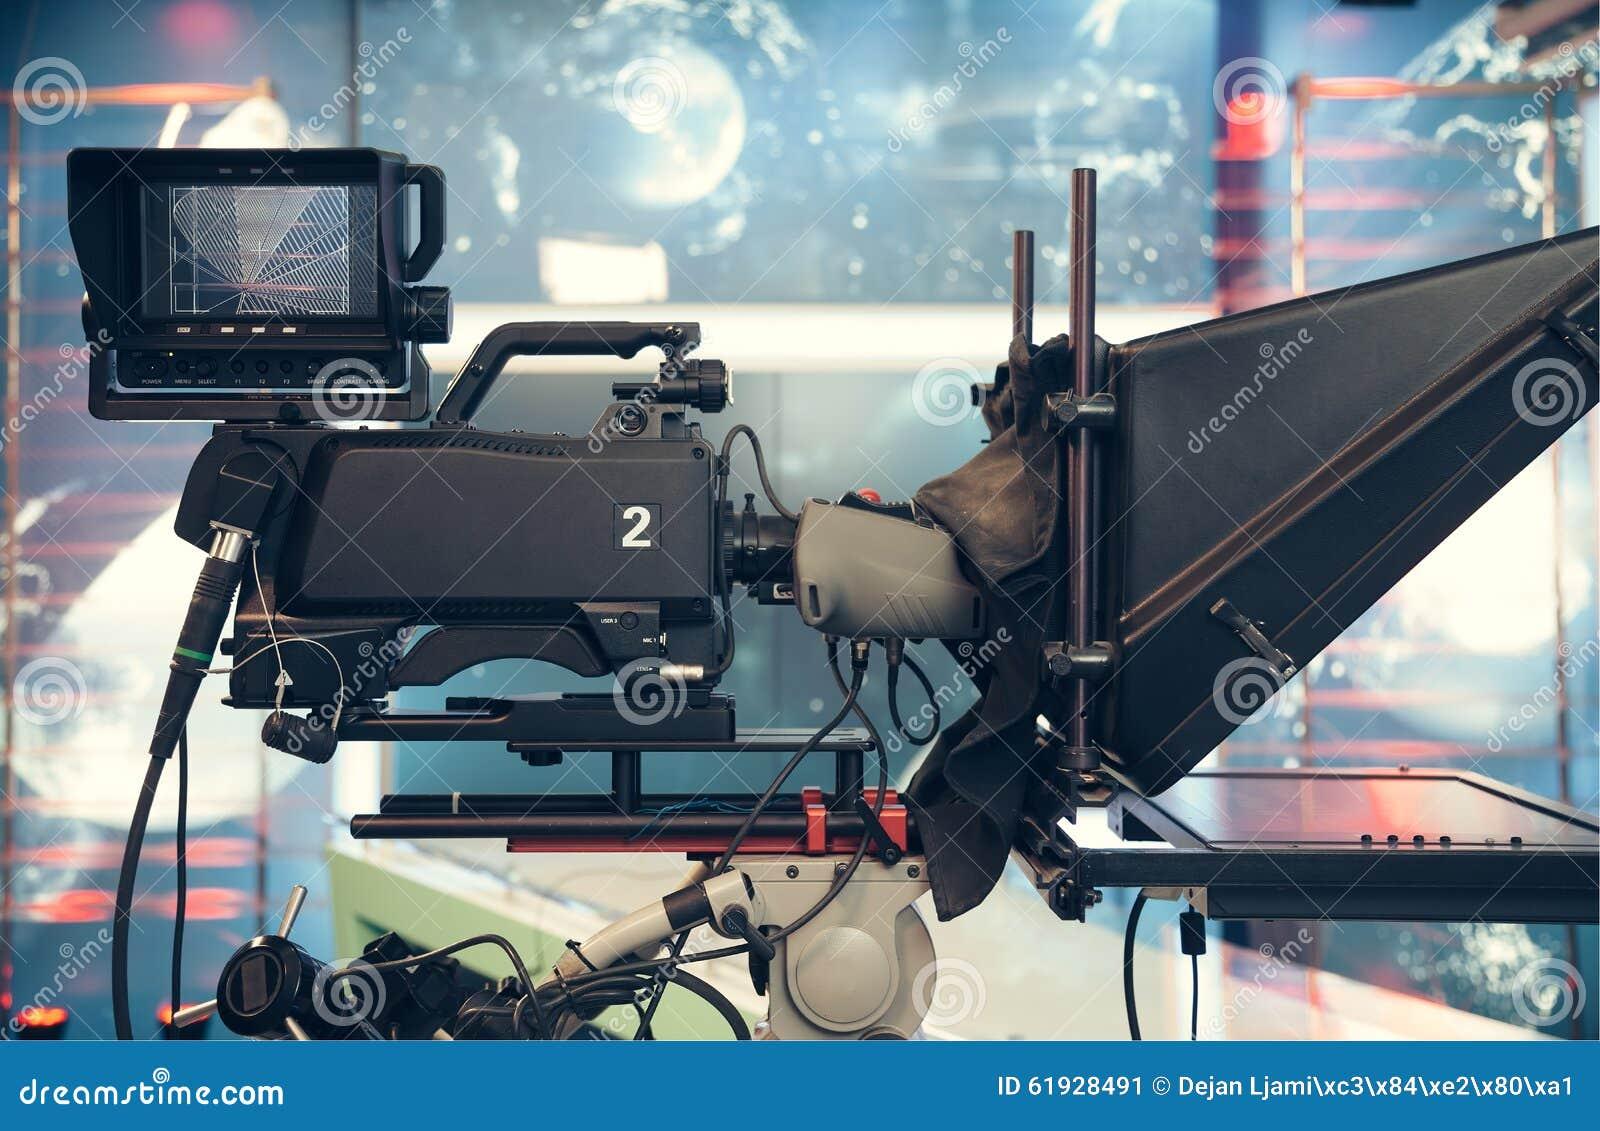 Fernsehstudio mit Kamera und Lichtern - notierende Fernsehnachrichten